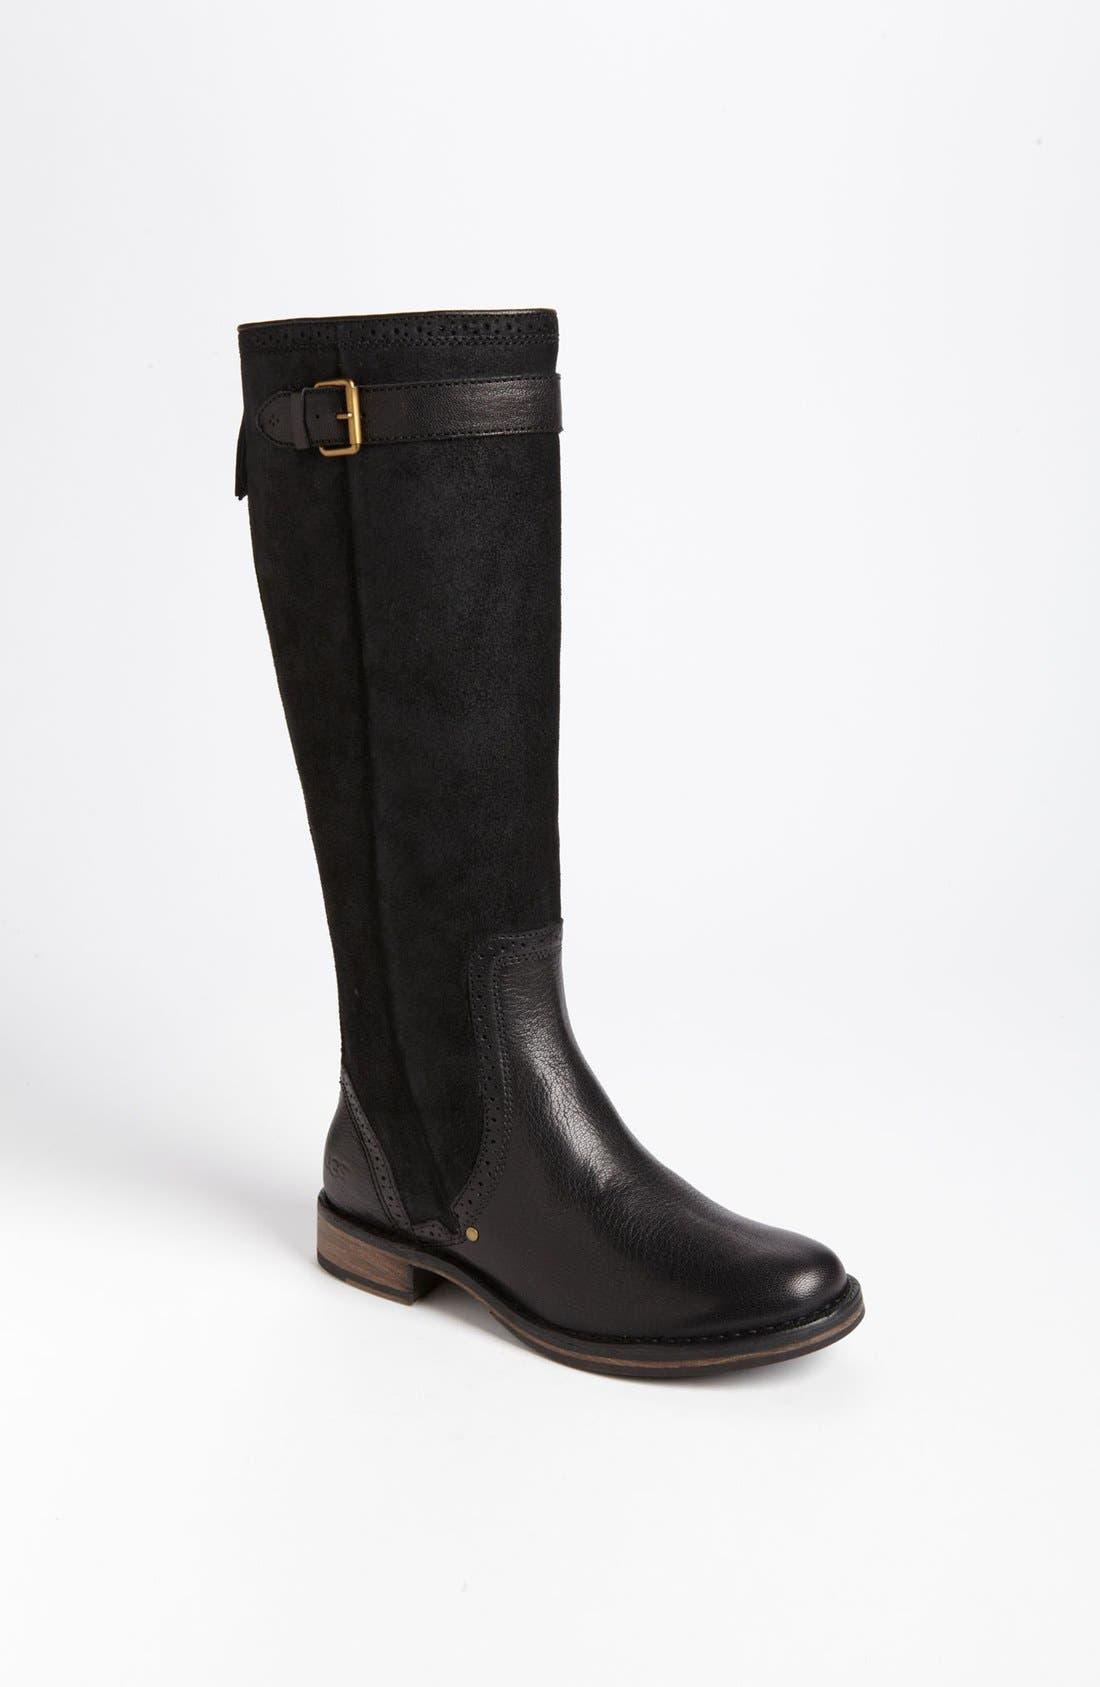 Alternate Image 1 Selected - UGG® Australia 'Castille' Boot (Women)